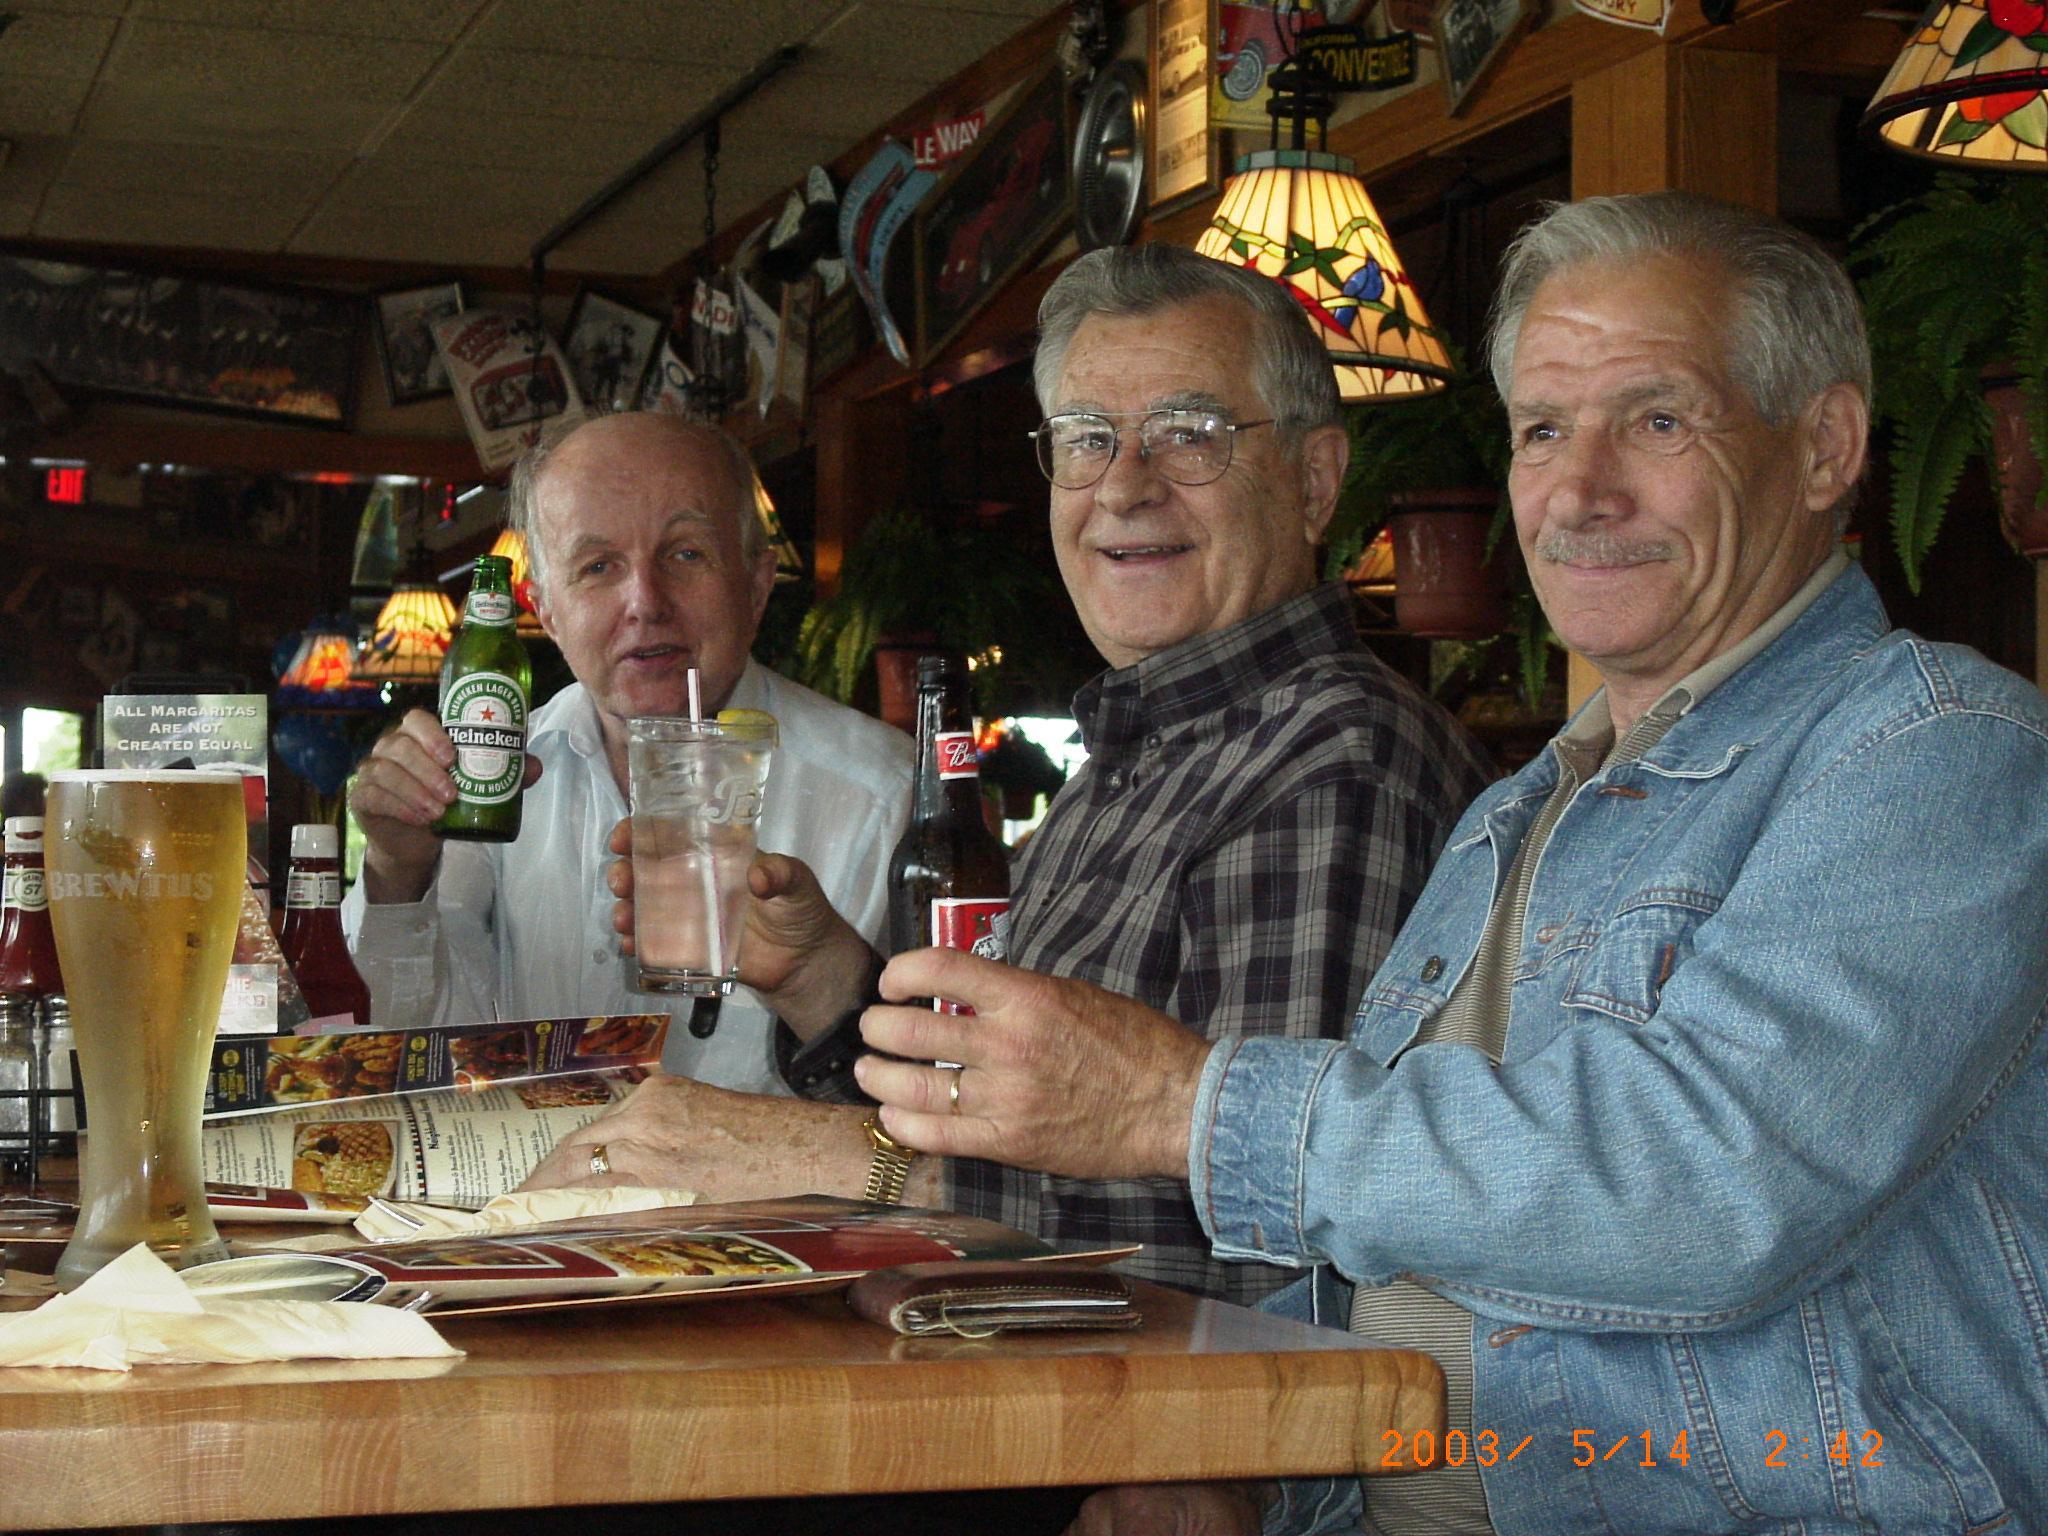 Beber com amigos diminui o risco de morrer por Alzheimer! Está provado!